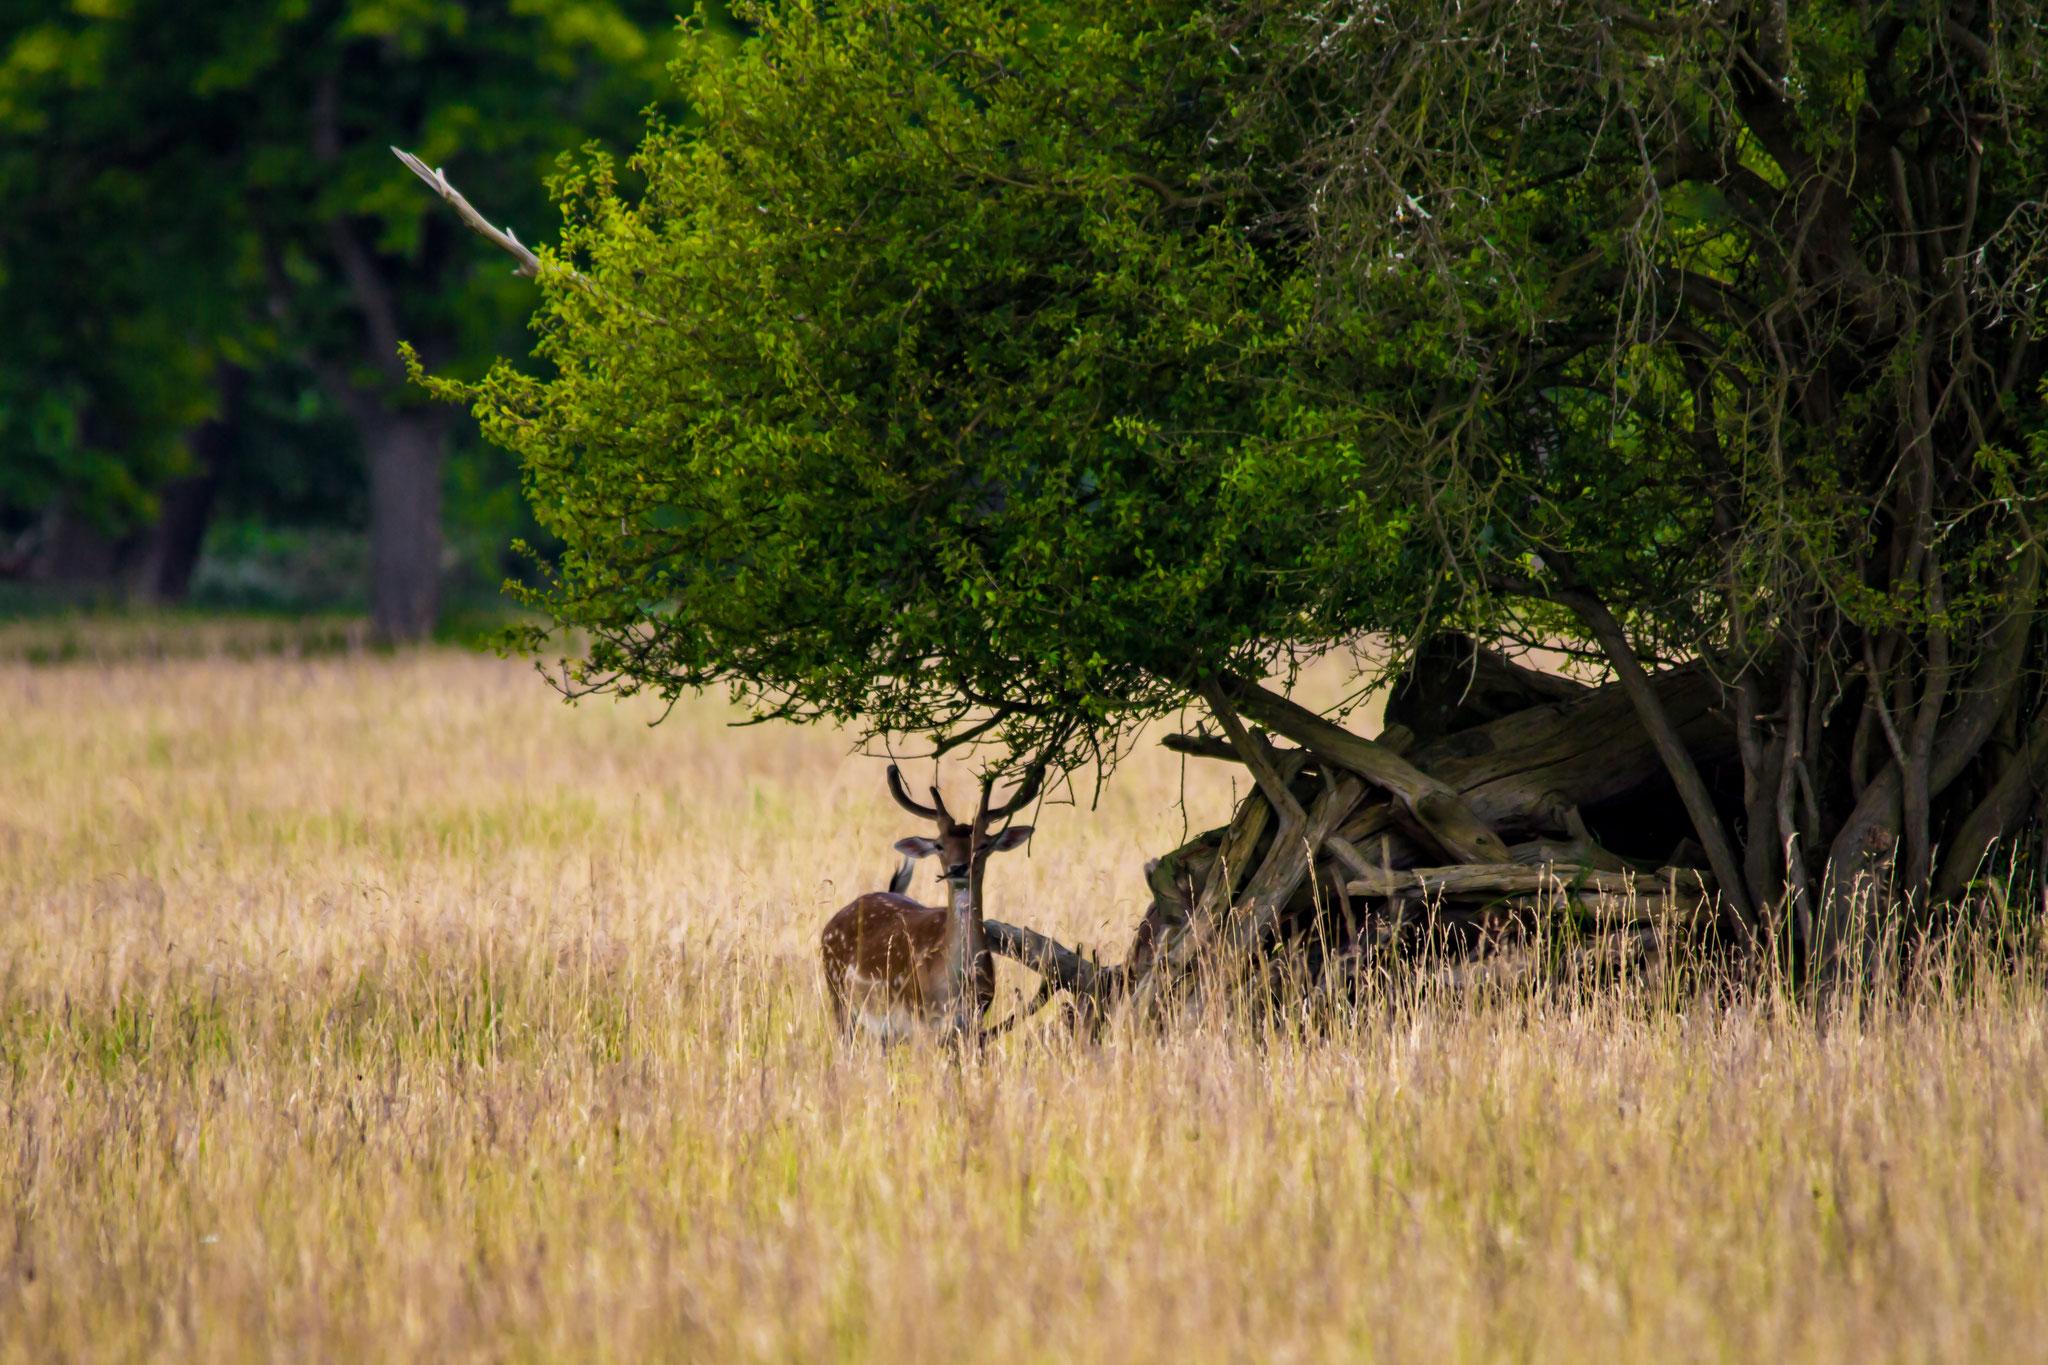 08_Rehböcke im Naturschutzgebiet Mönchbruch.